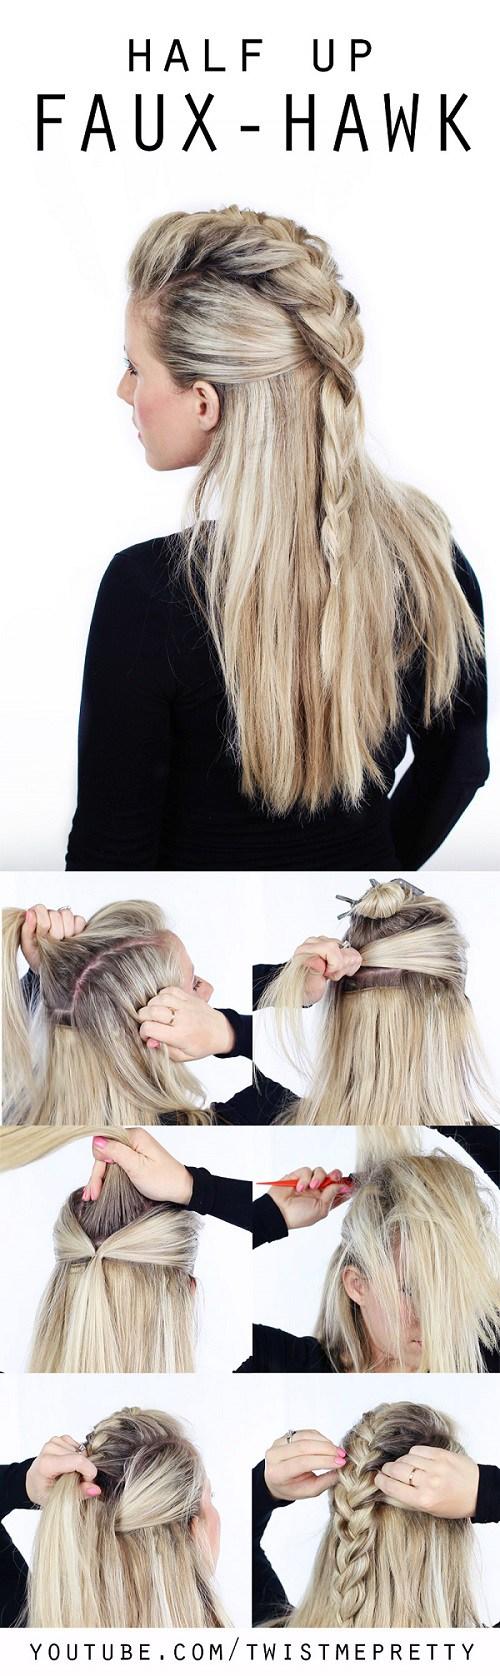 10 Simple Hair Tutorials for Medium & Long Hair - Hairstyle